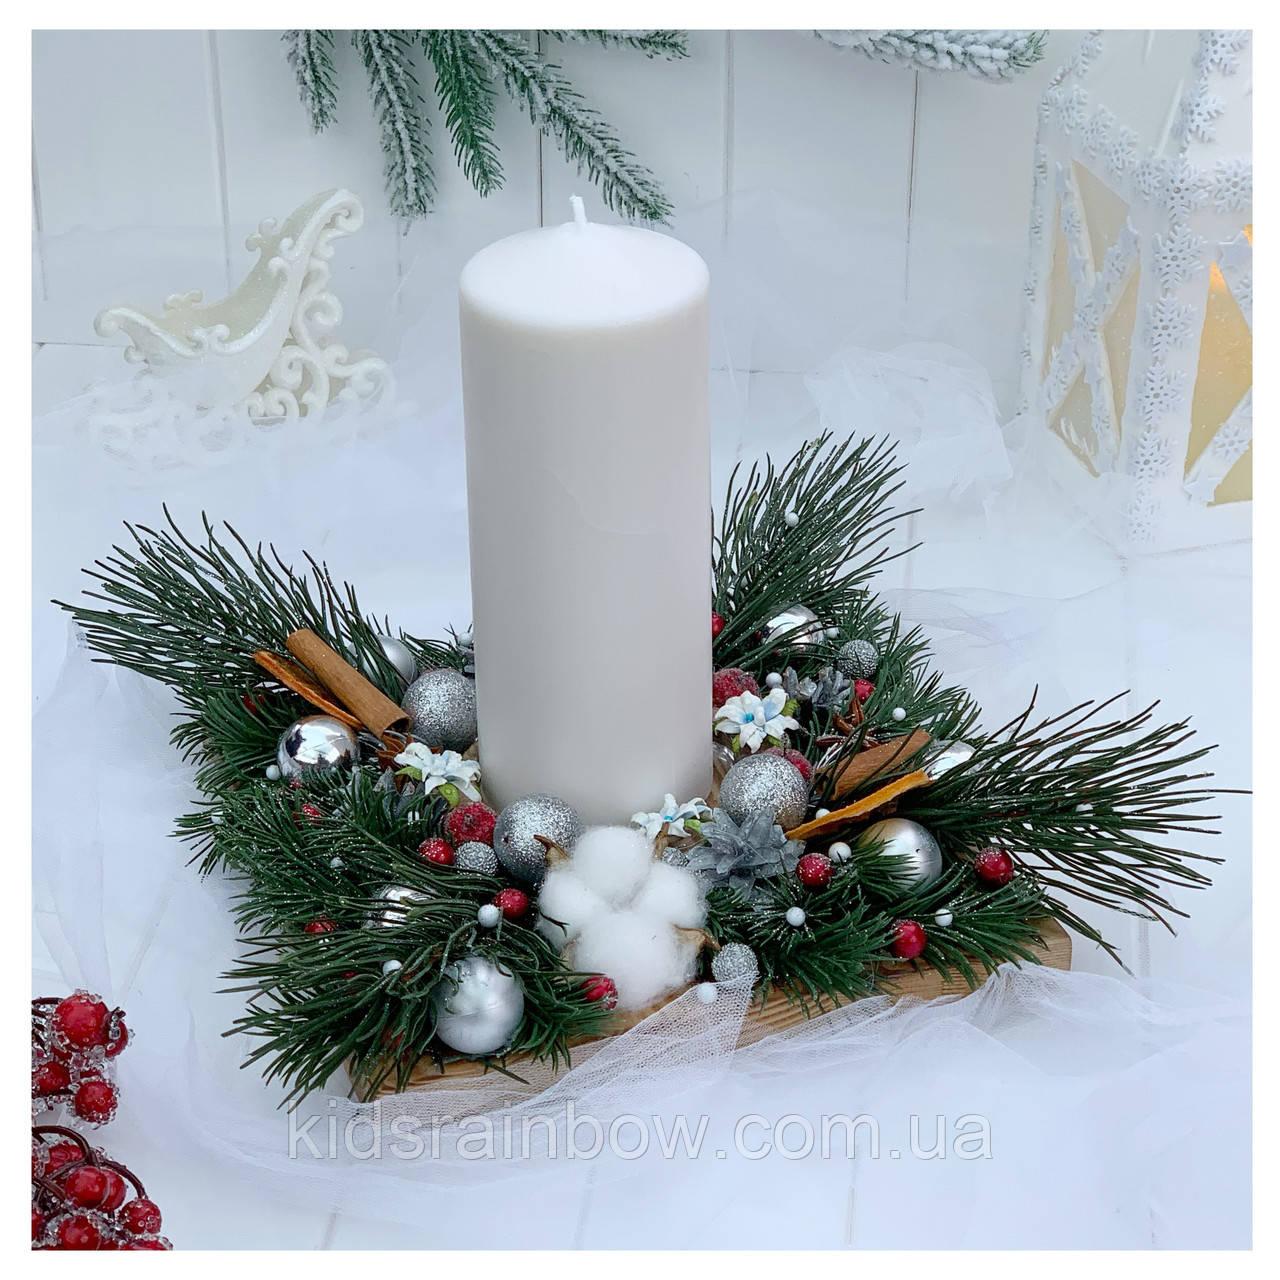 Рождественский подсвечник с большой белой свечой